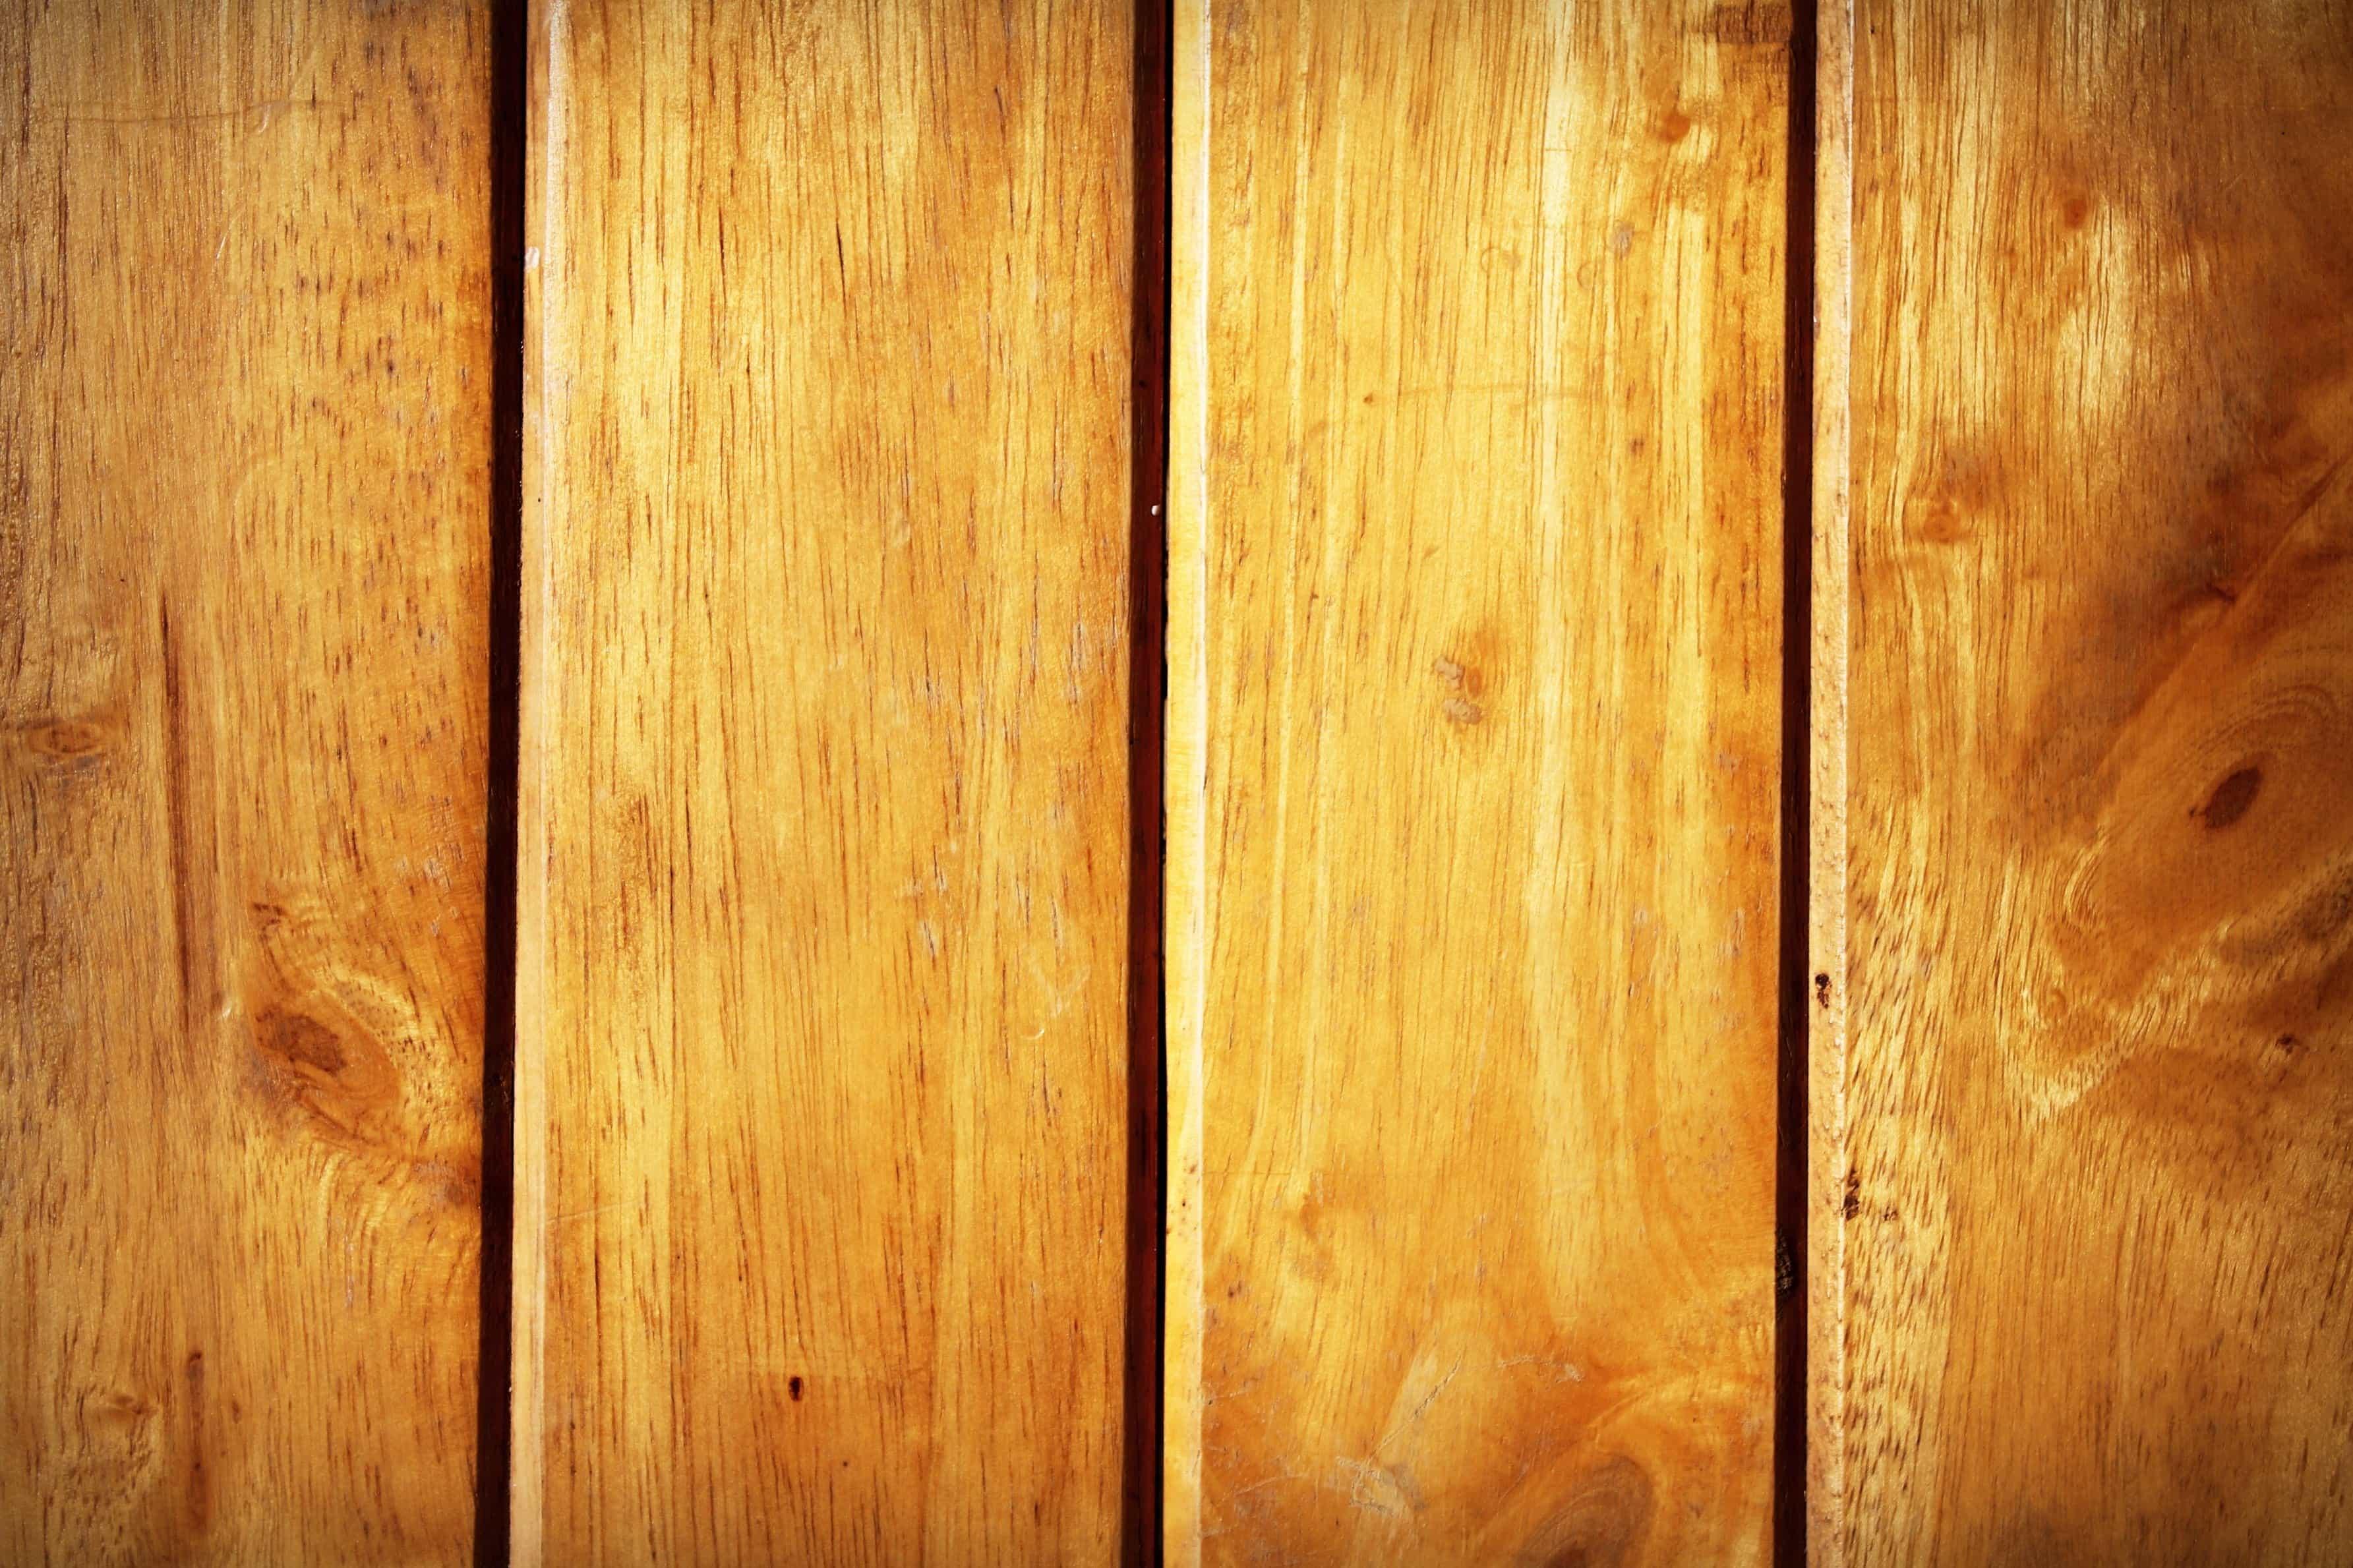 Image libre menuiserie bois ancien mur surface bois franc brut en bois